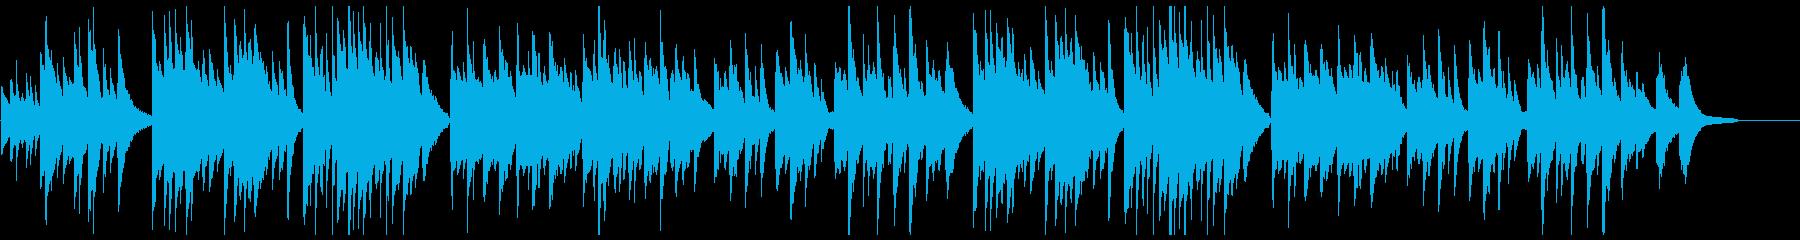 優しい躍動感のピアノ曲の再生済みの波形